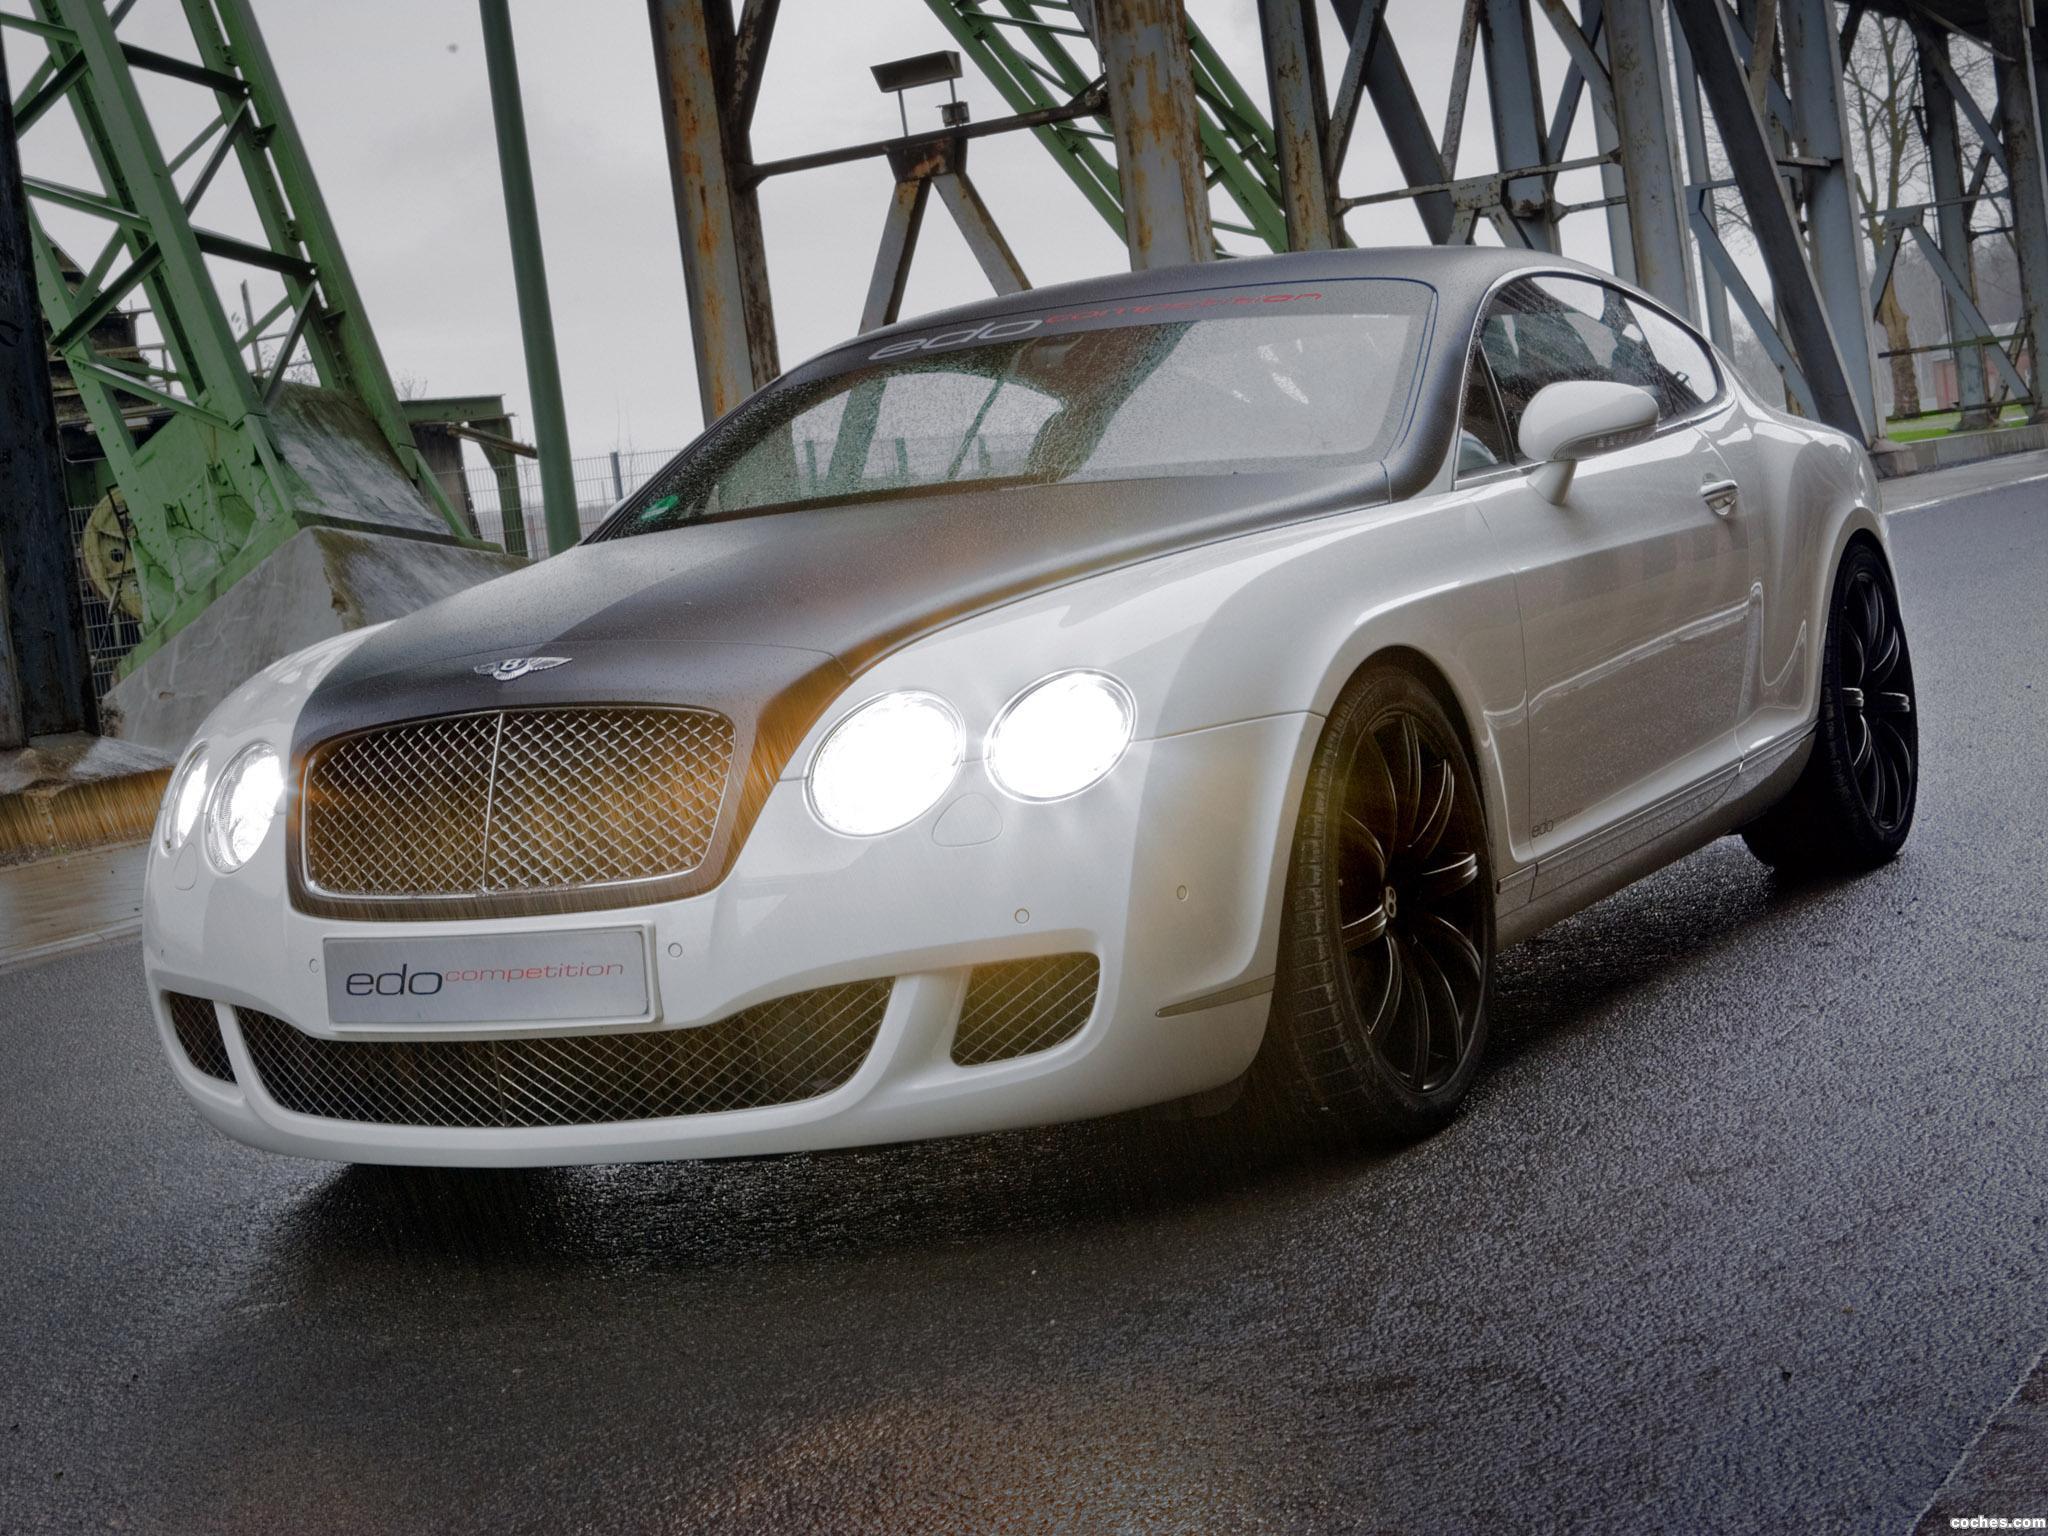 Foto 0 de Bentley Edo Continental GT Speed 2009